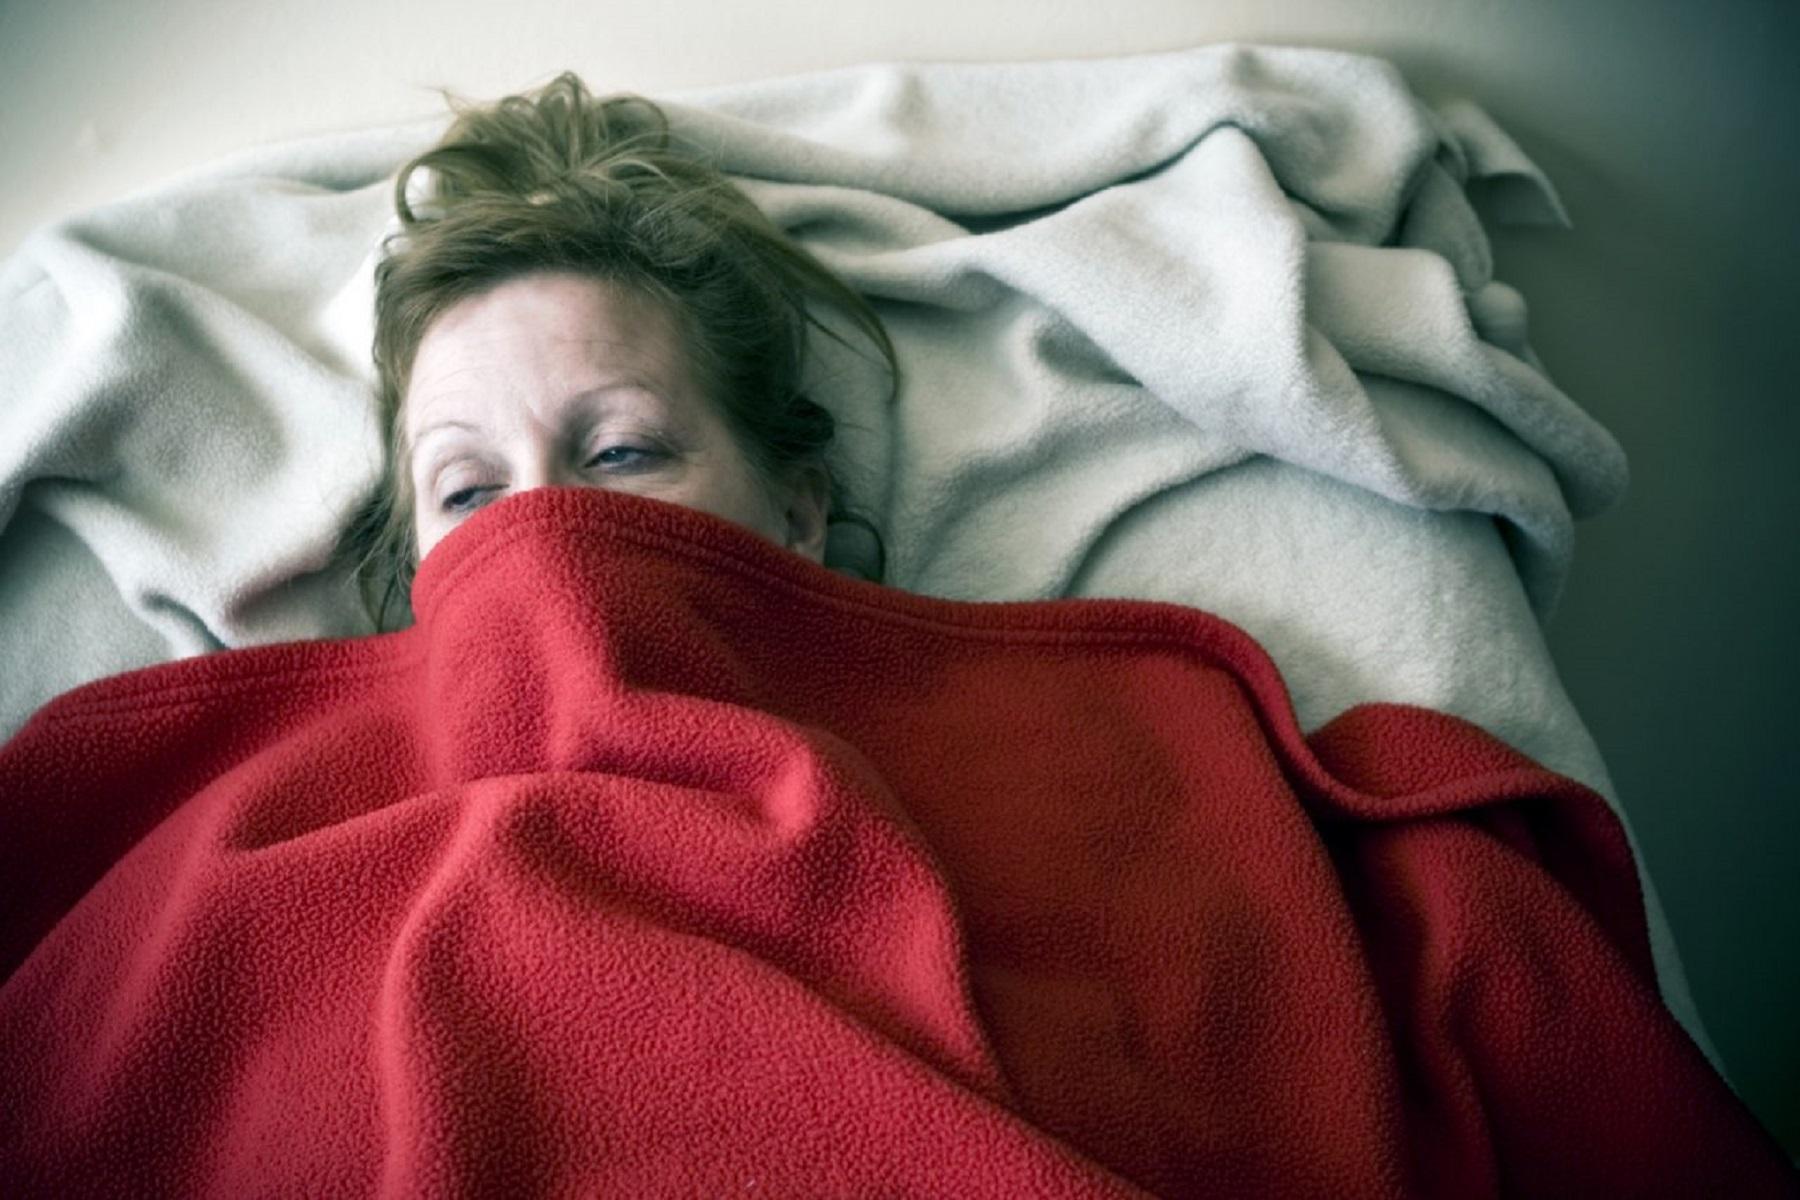 Εμμηνόπαυση Κατάθλιψη: Τι δείχνουν έρευνες για τη συσχέτιση ανάμεσά τους